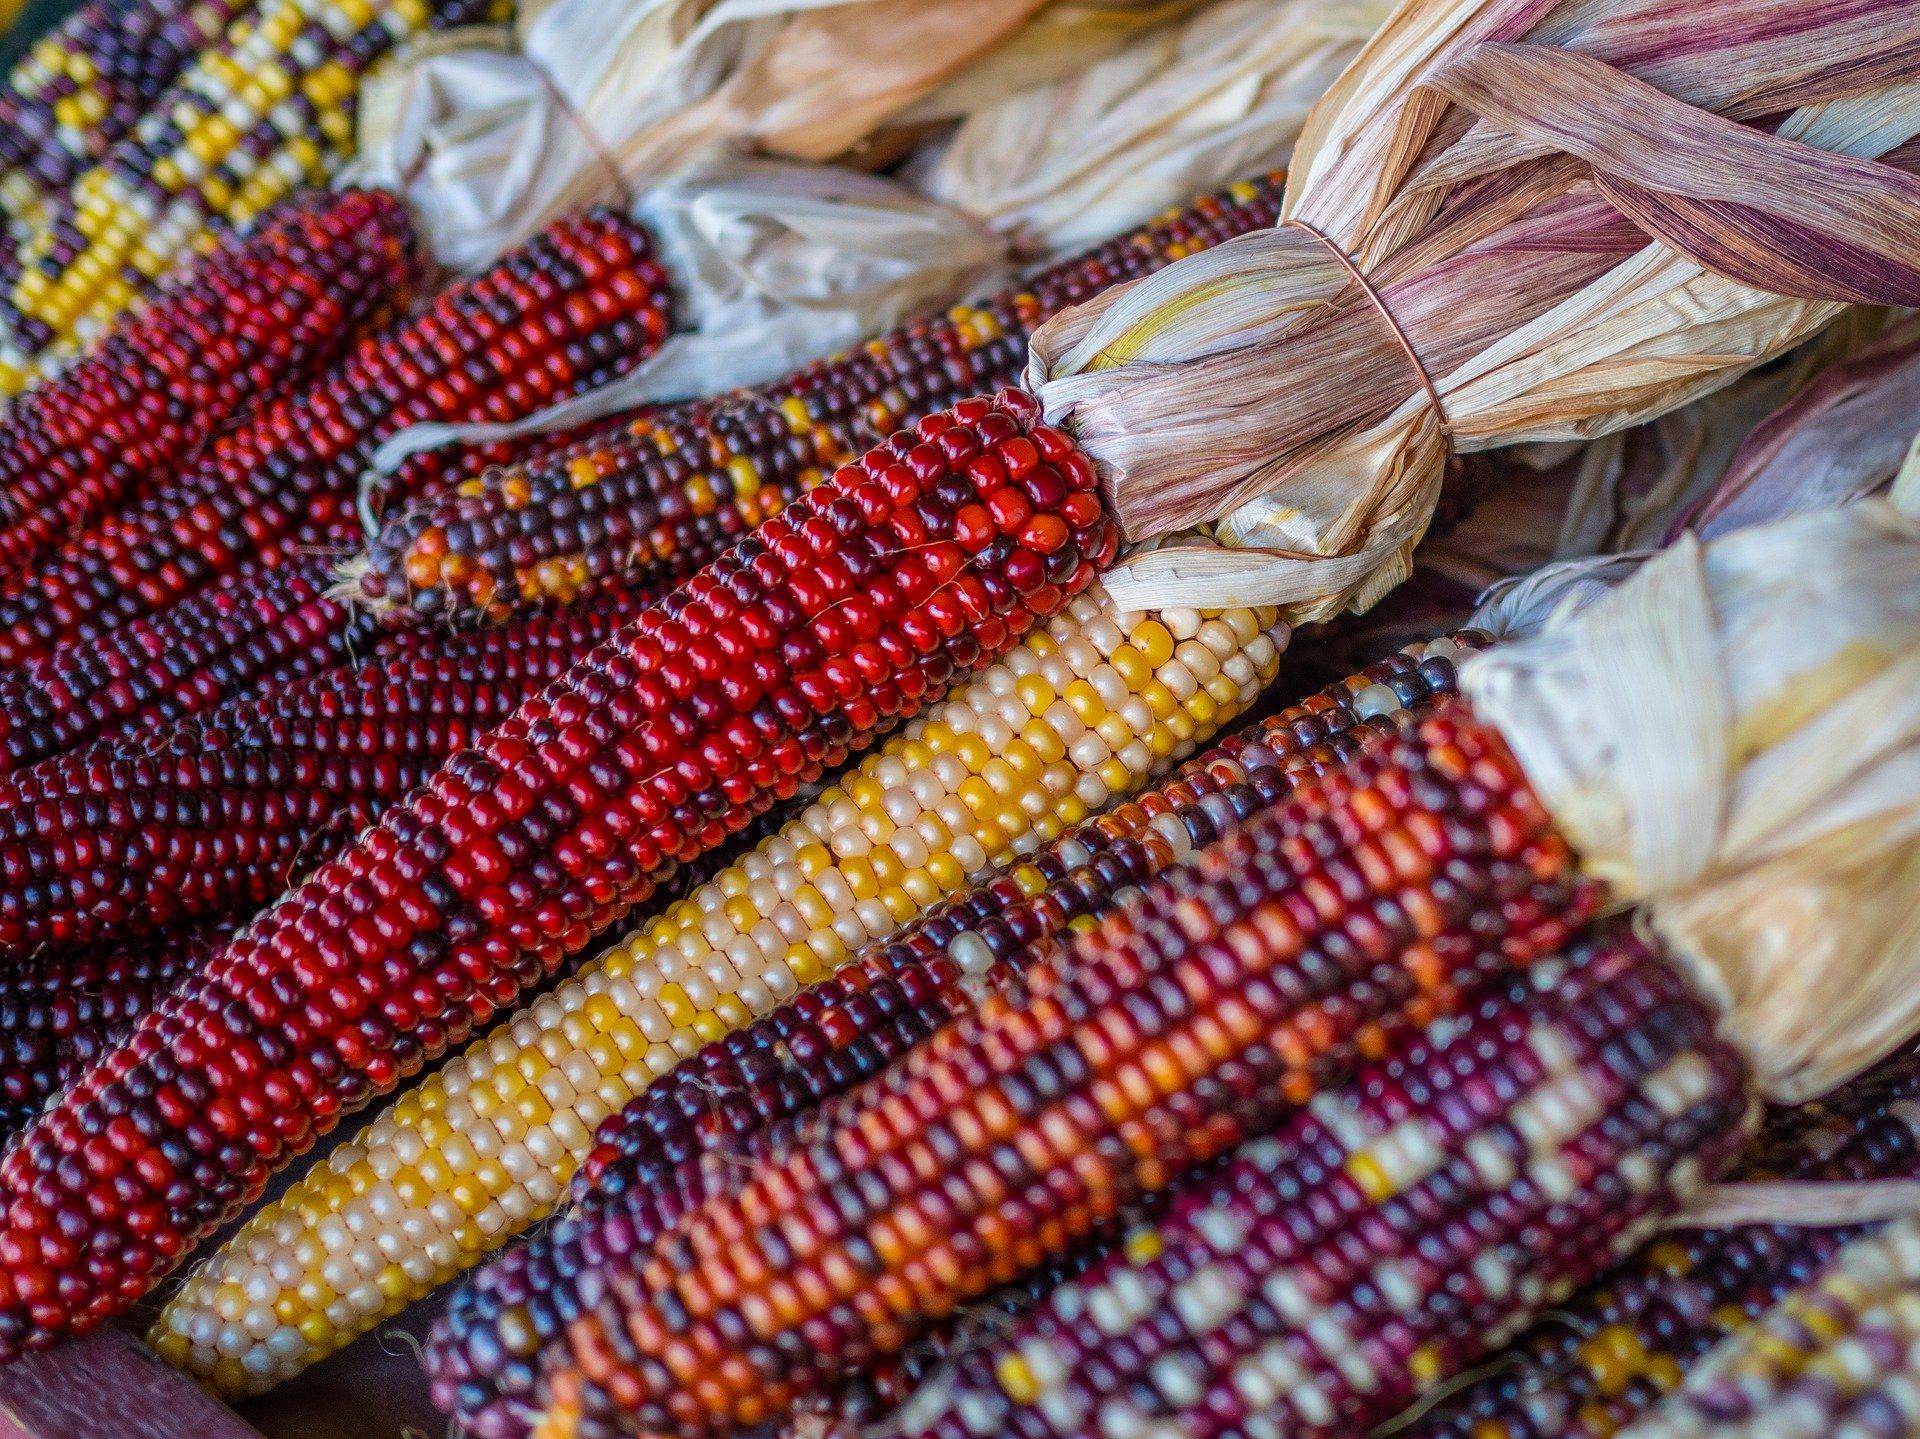 corn-4496878_1920 (1)